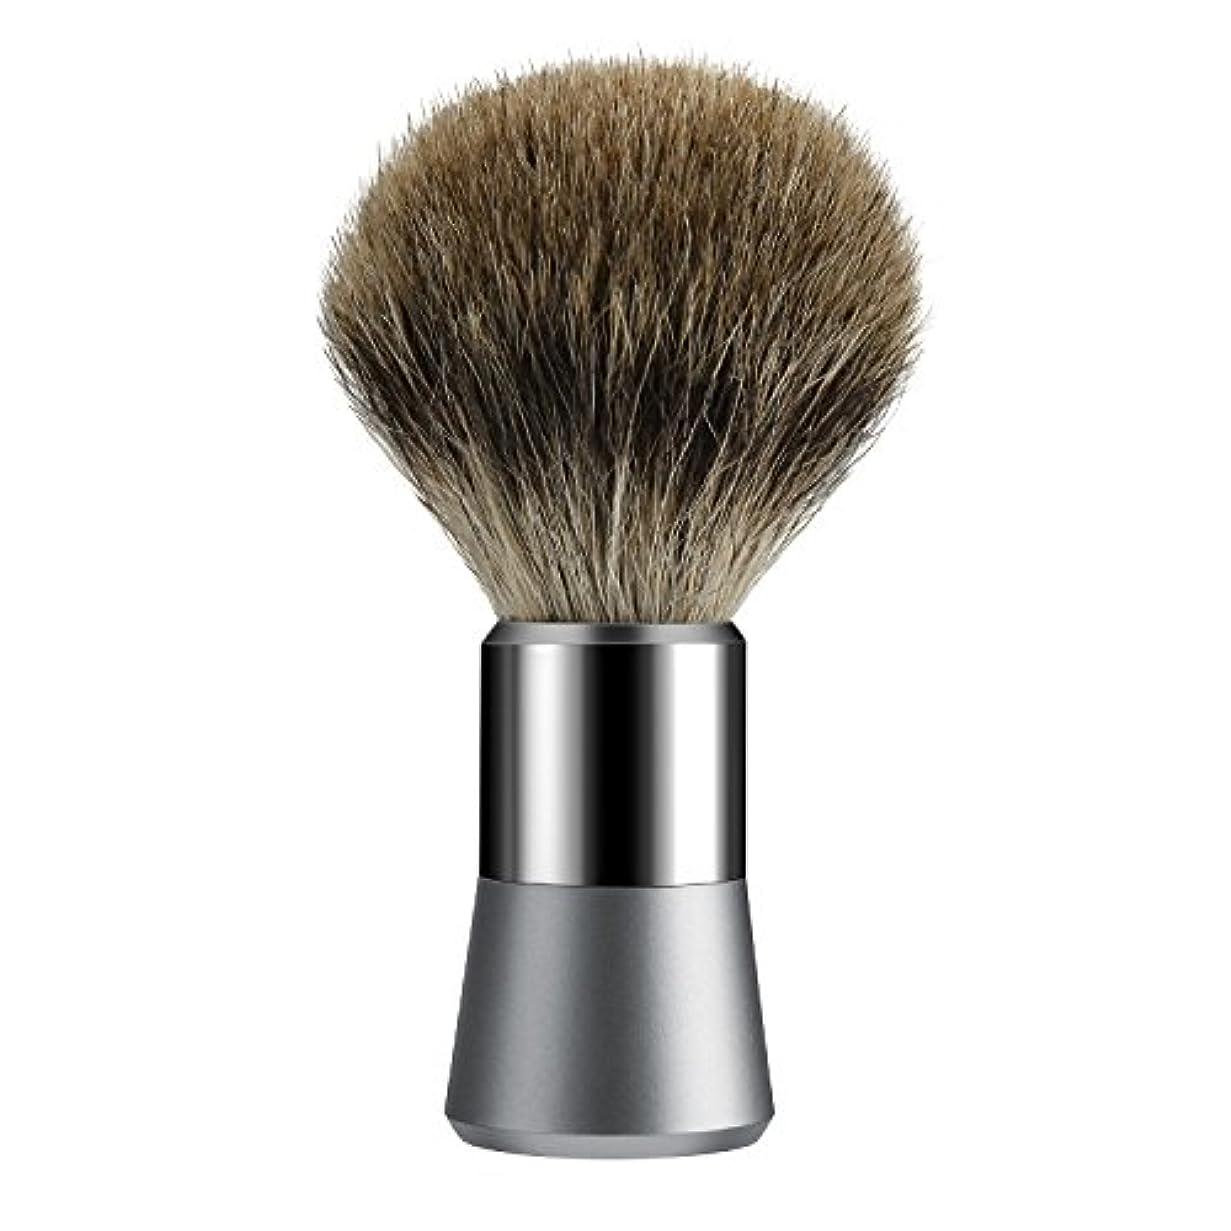 曇った一元化する素朴なTezam シェービング ブラシ, シェービングブラシ アナグマの毛 100%, クロームハンドル